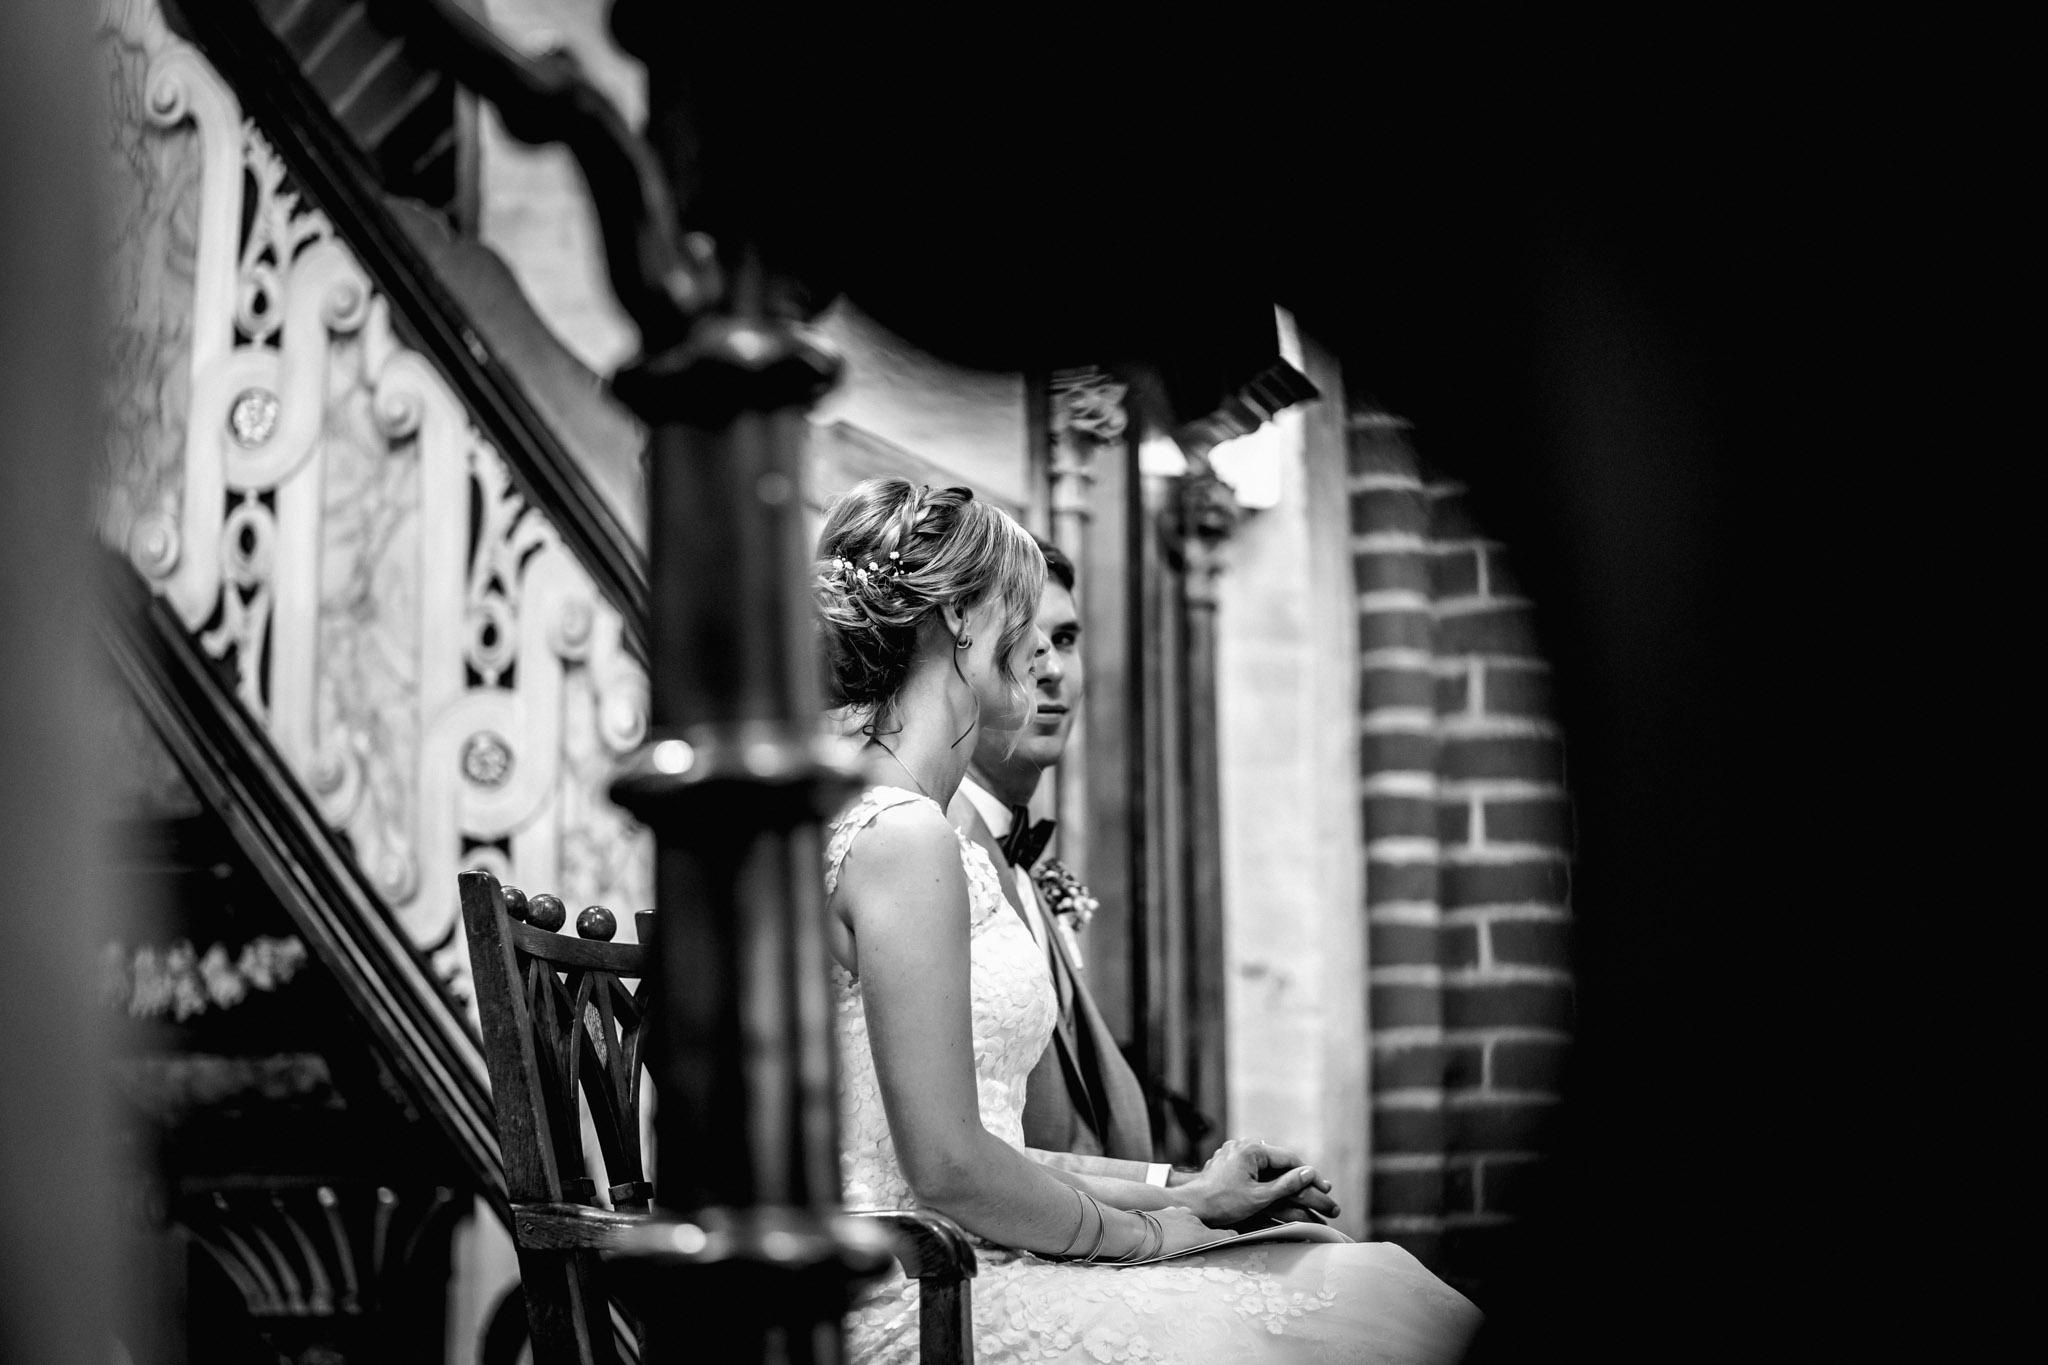 Sven Schomburg Hochzeitsfotografie, Hamburg, Mölln, Hochzeitsfieber by Photo-Schomburg, Hochzeitsreportage, Forsthaus Waldhusen, Braut, Bräutigam-31